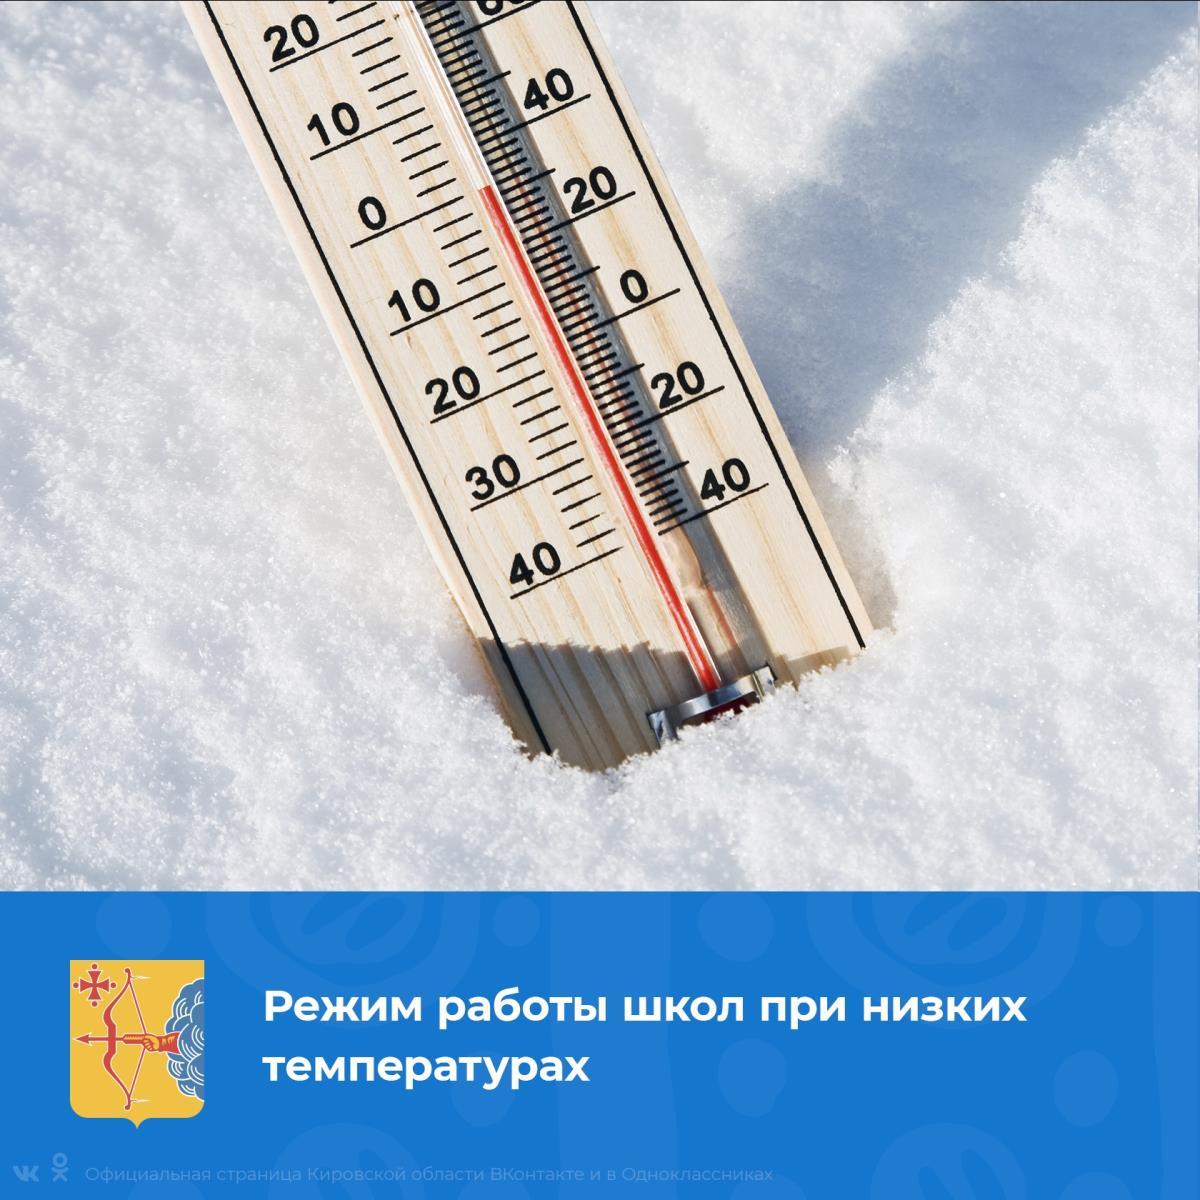 В условиях низкой температуры